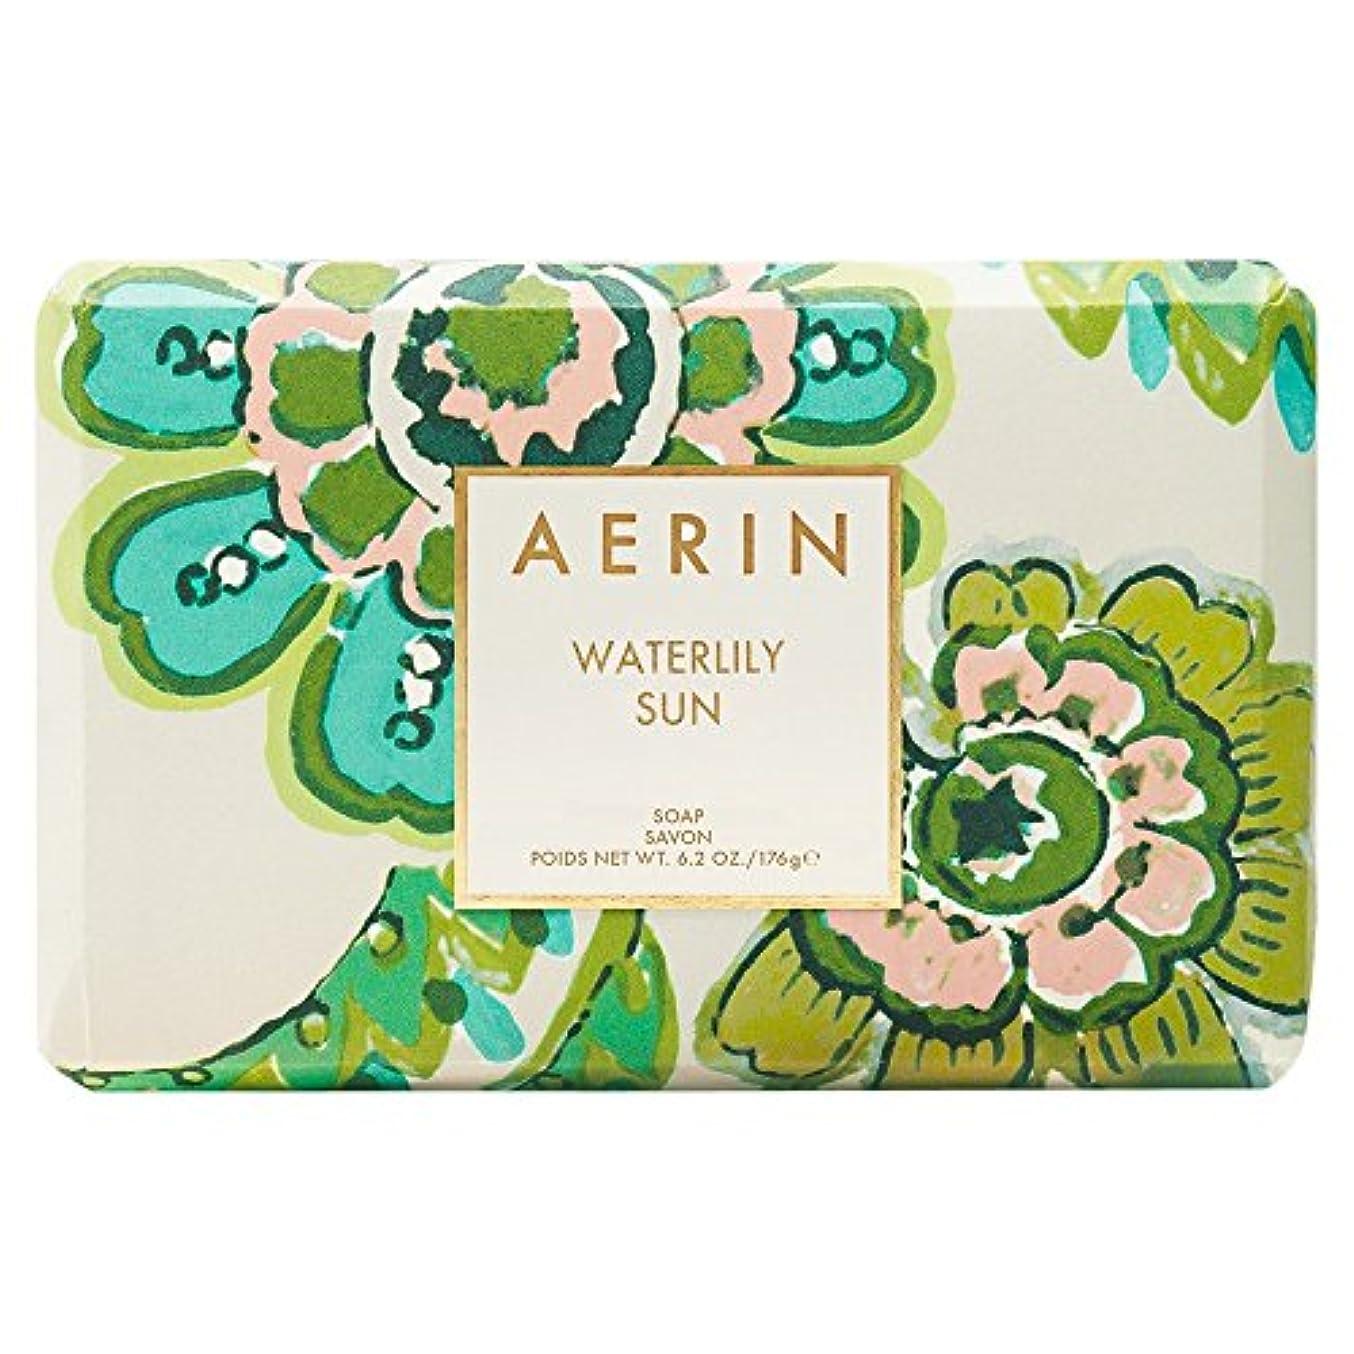 悪い味ミニチュアAerinスイレン日石鹸176グラム (AERIN) (x2) - AERIN Waterlily Sun Soap 176g (Pack of 2) [並行輸入品]